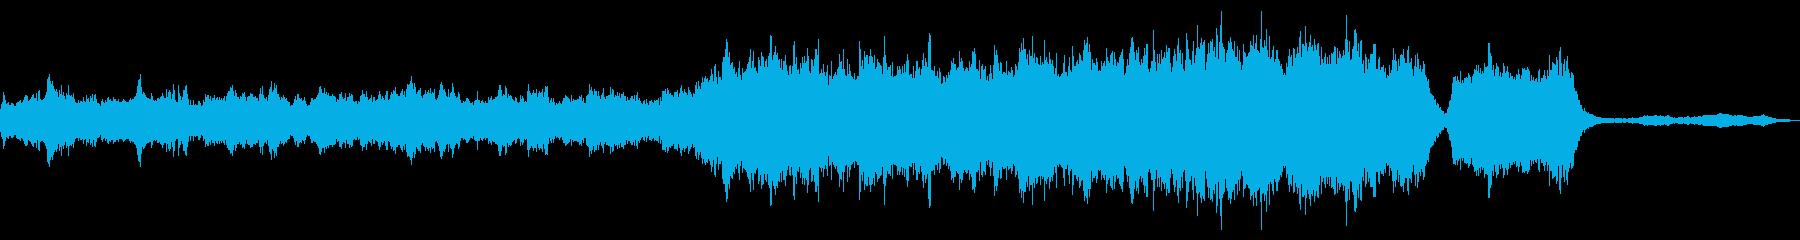 オーケストラ楽器。渦巻く暗いサスペ...の再生済みの波形